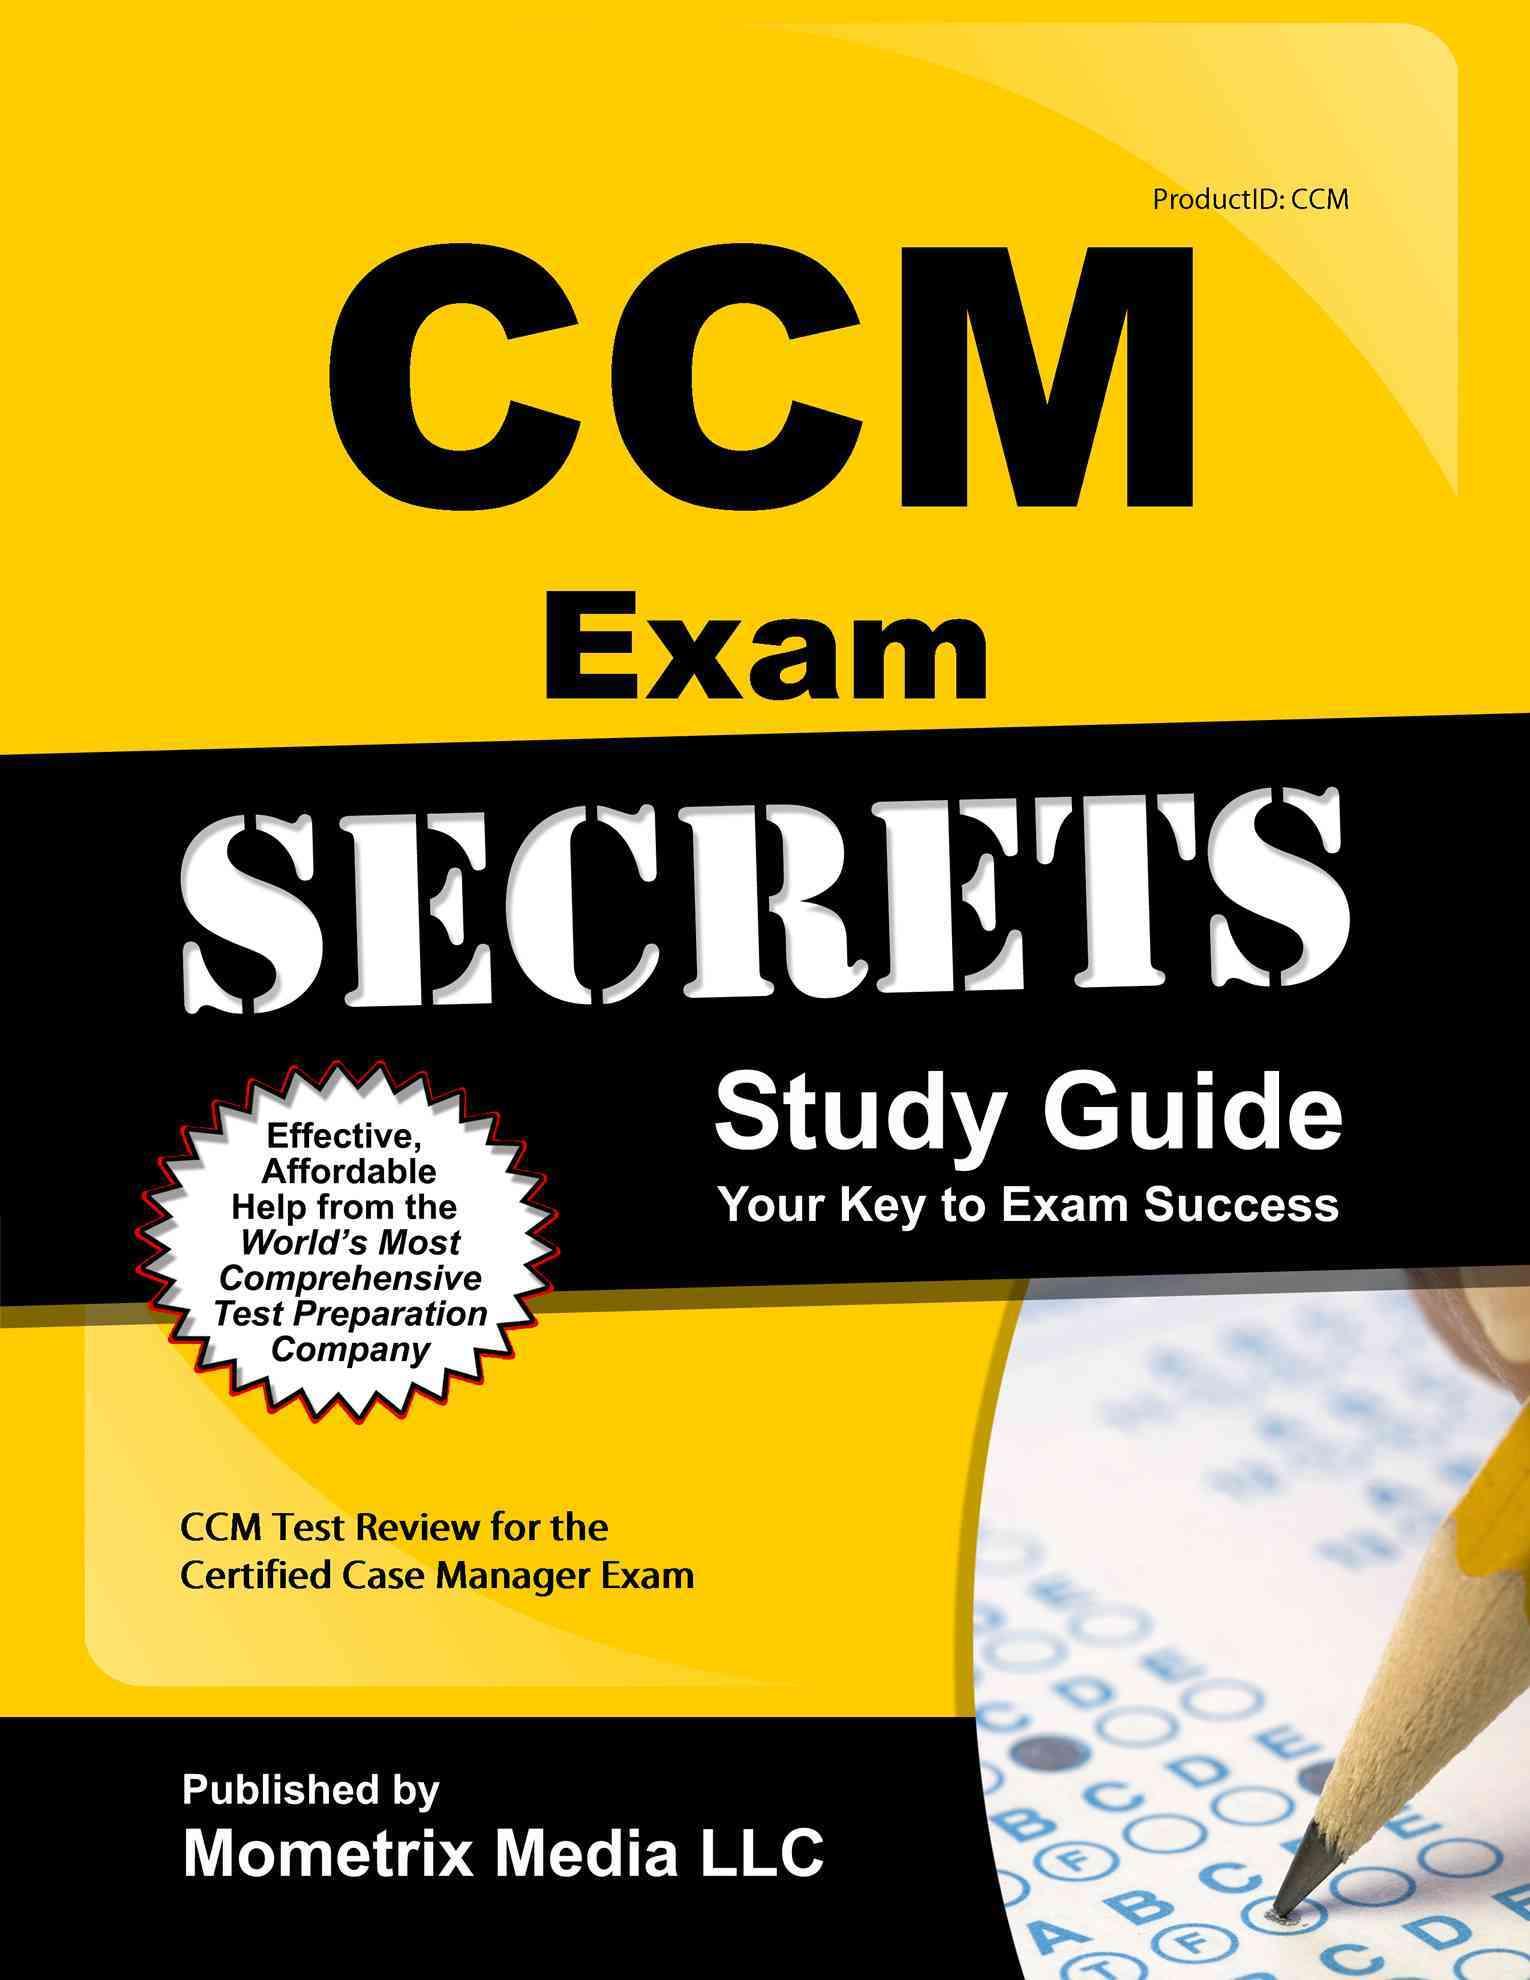 Ccm Exam Secrets Study Guide By Ccm Exam Secrets (EDT)